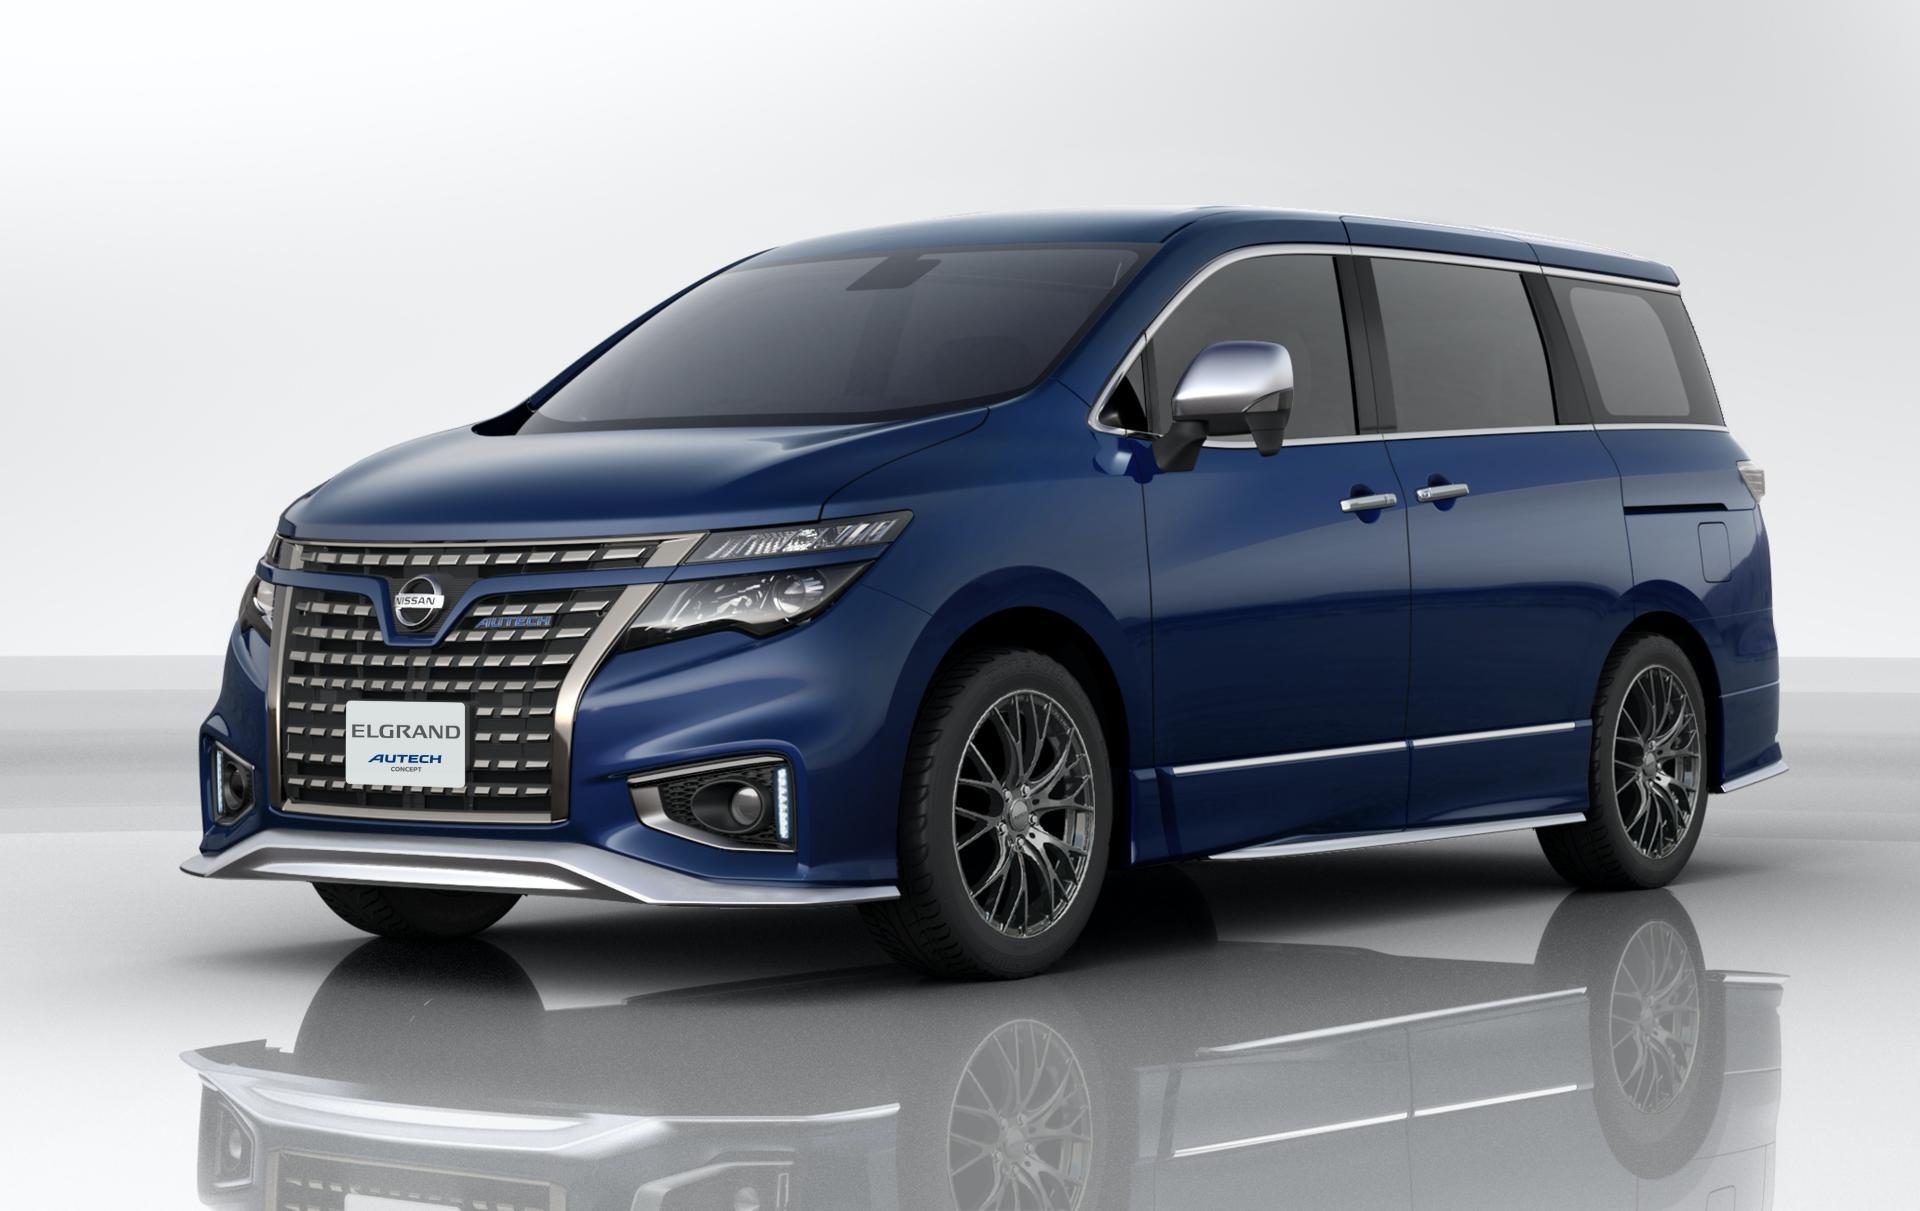 Nissan-Elgrand-Autech-Concept